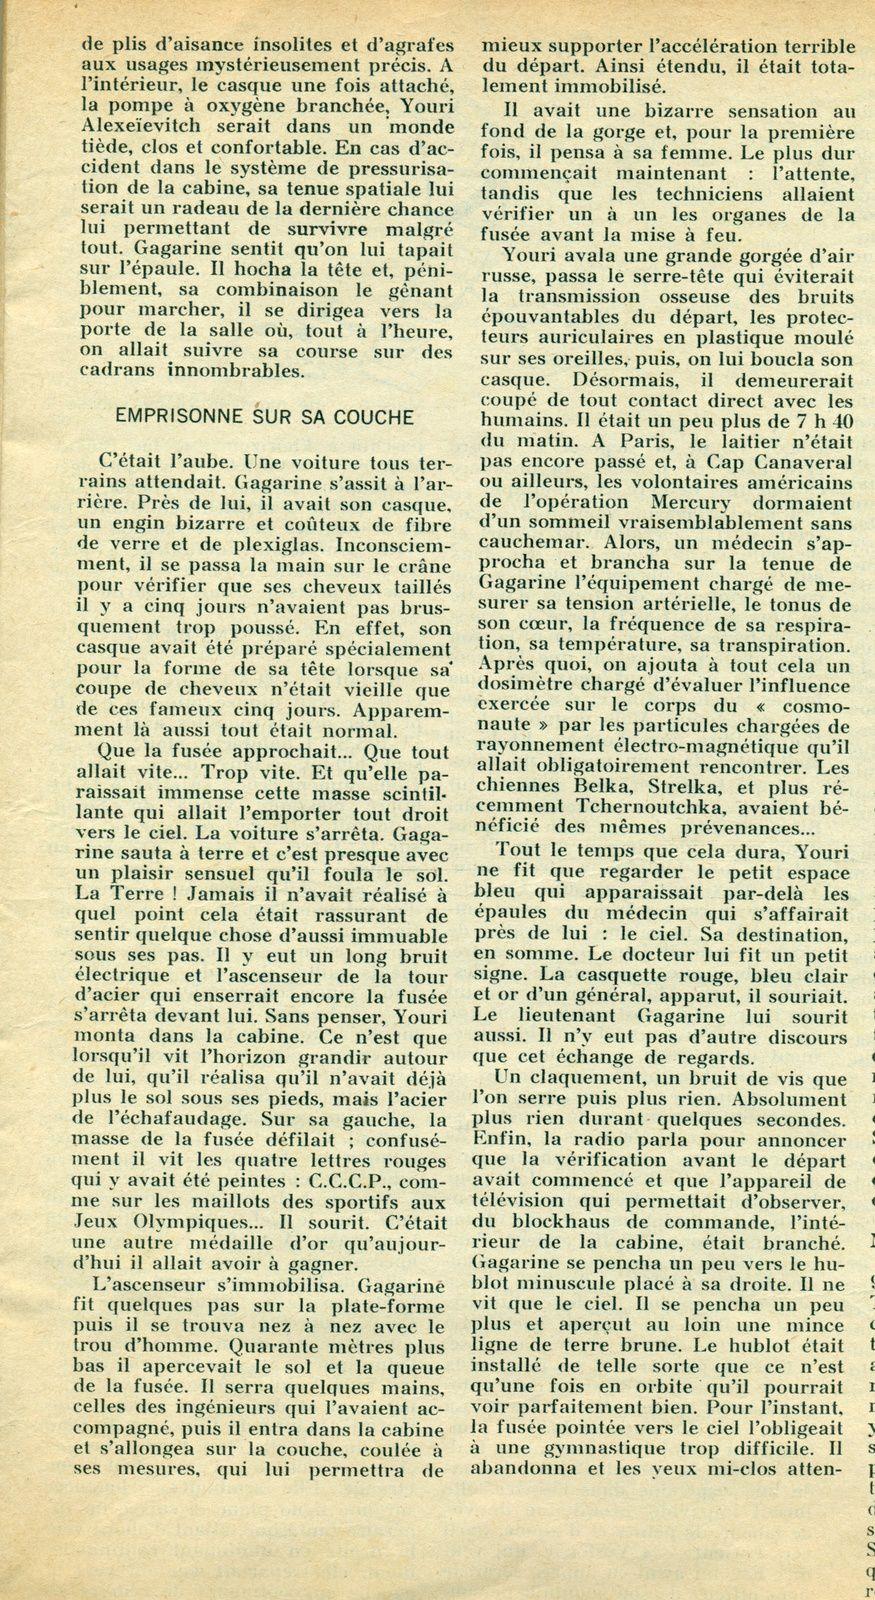 Paris match 22 avril 1961 page 61